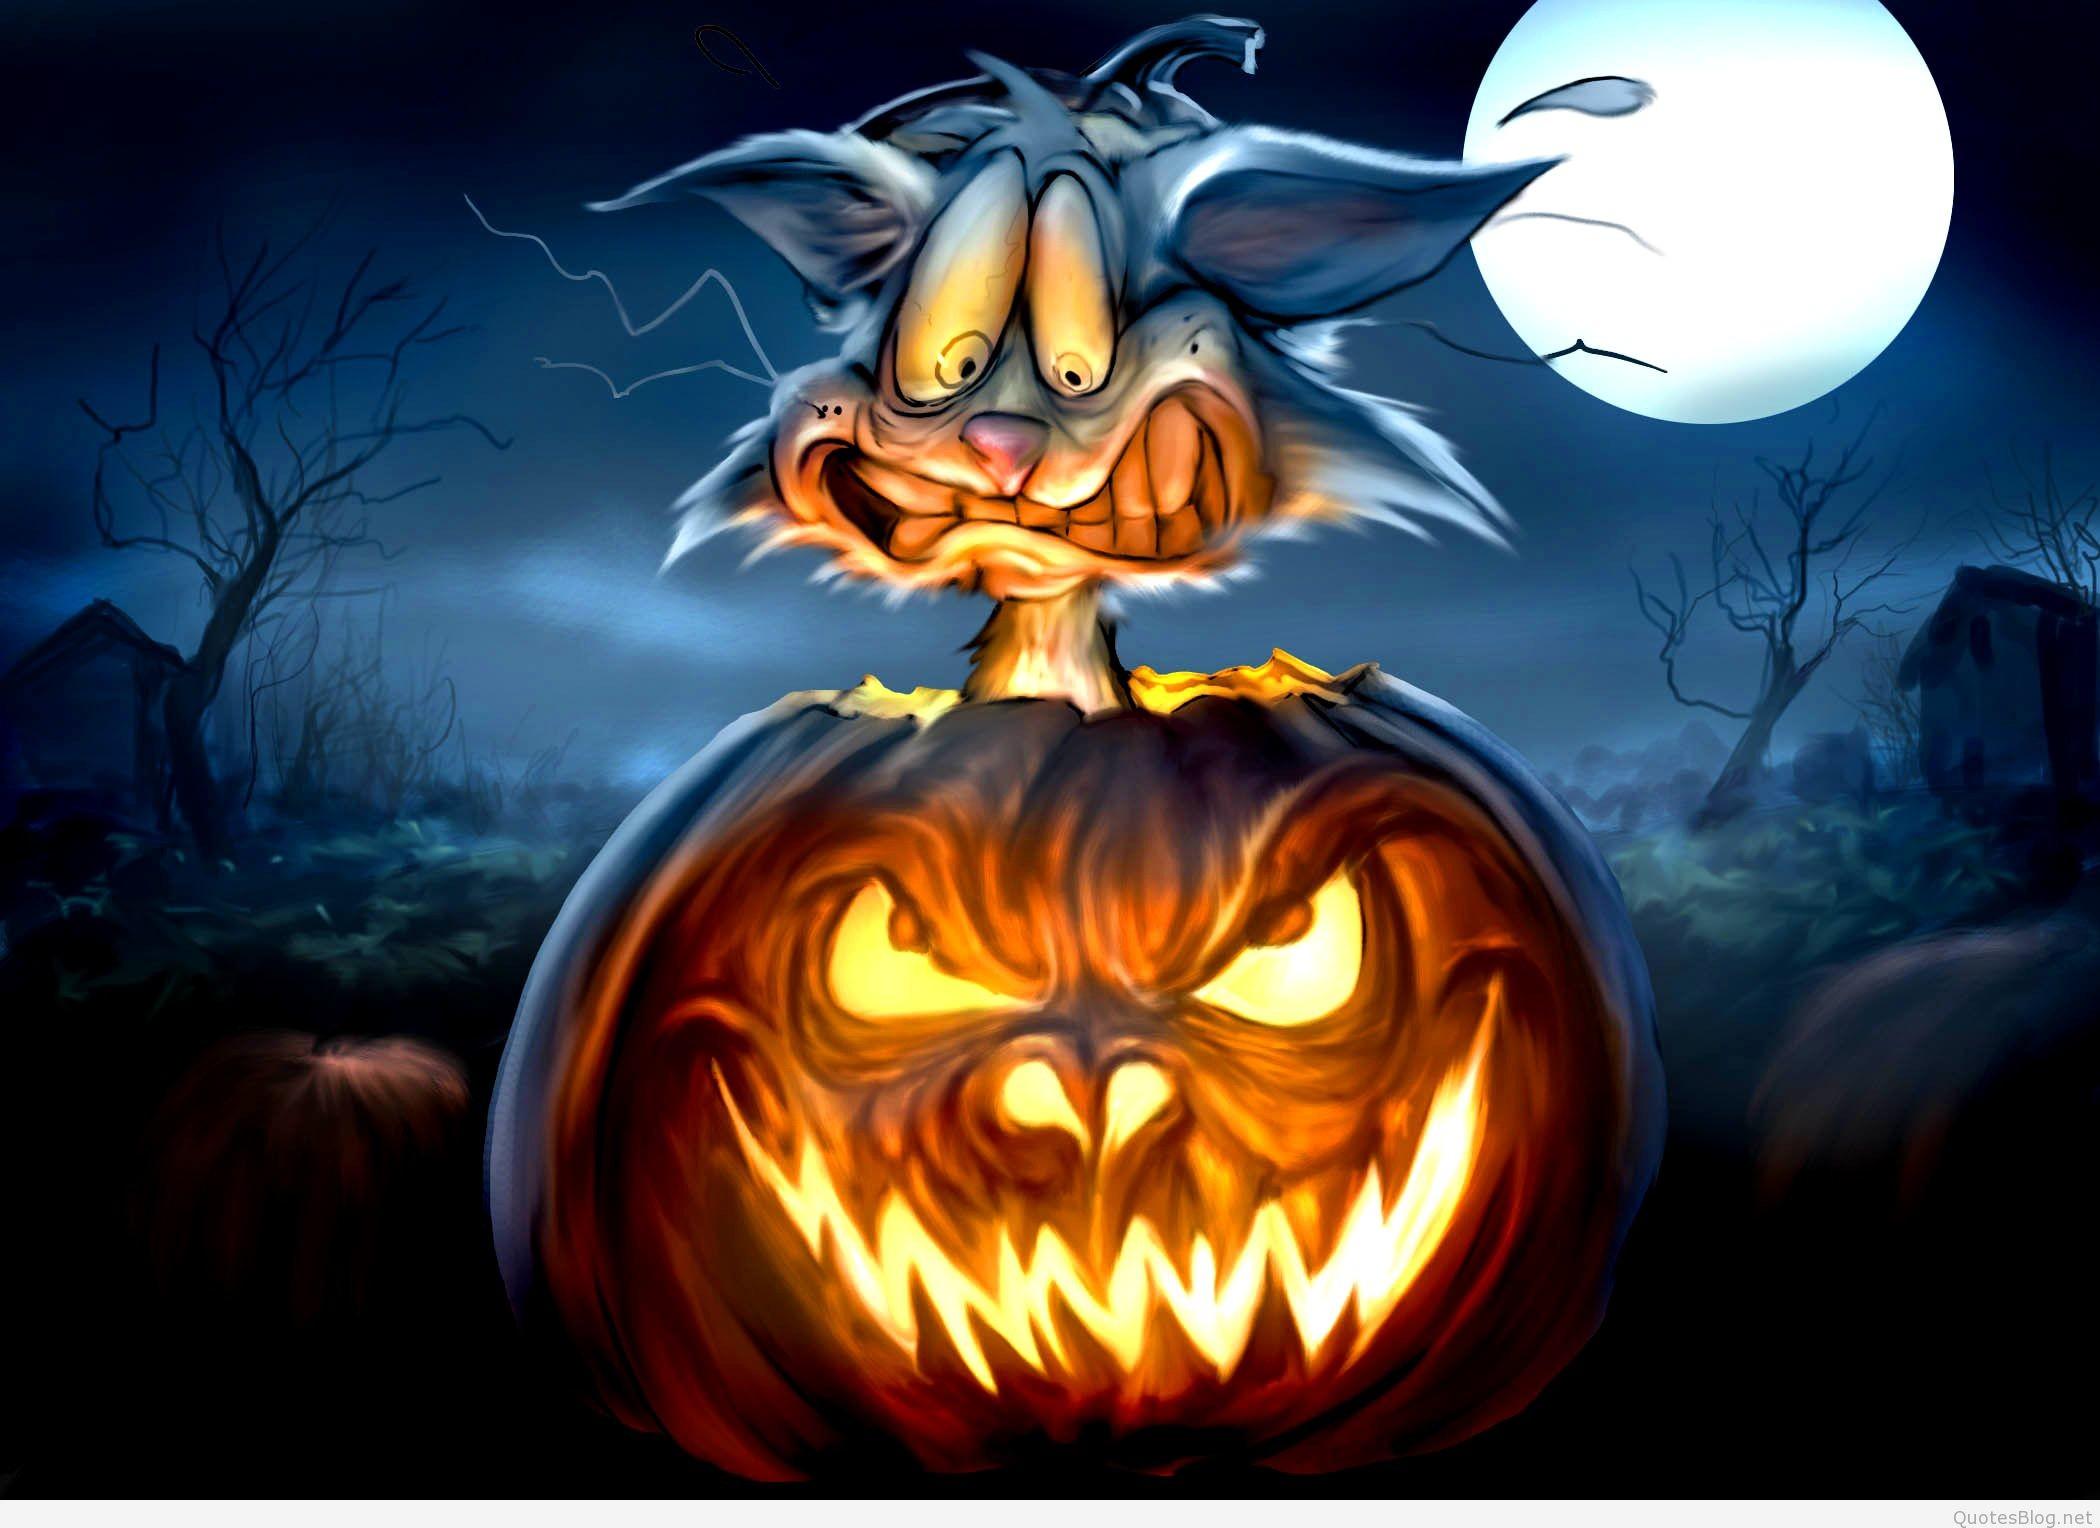 Res: 2100x1528, hd-wallpapers-download-happy-halloween-wallpaper-249494-2100x1500-